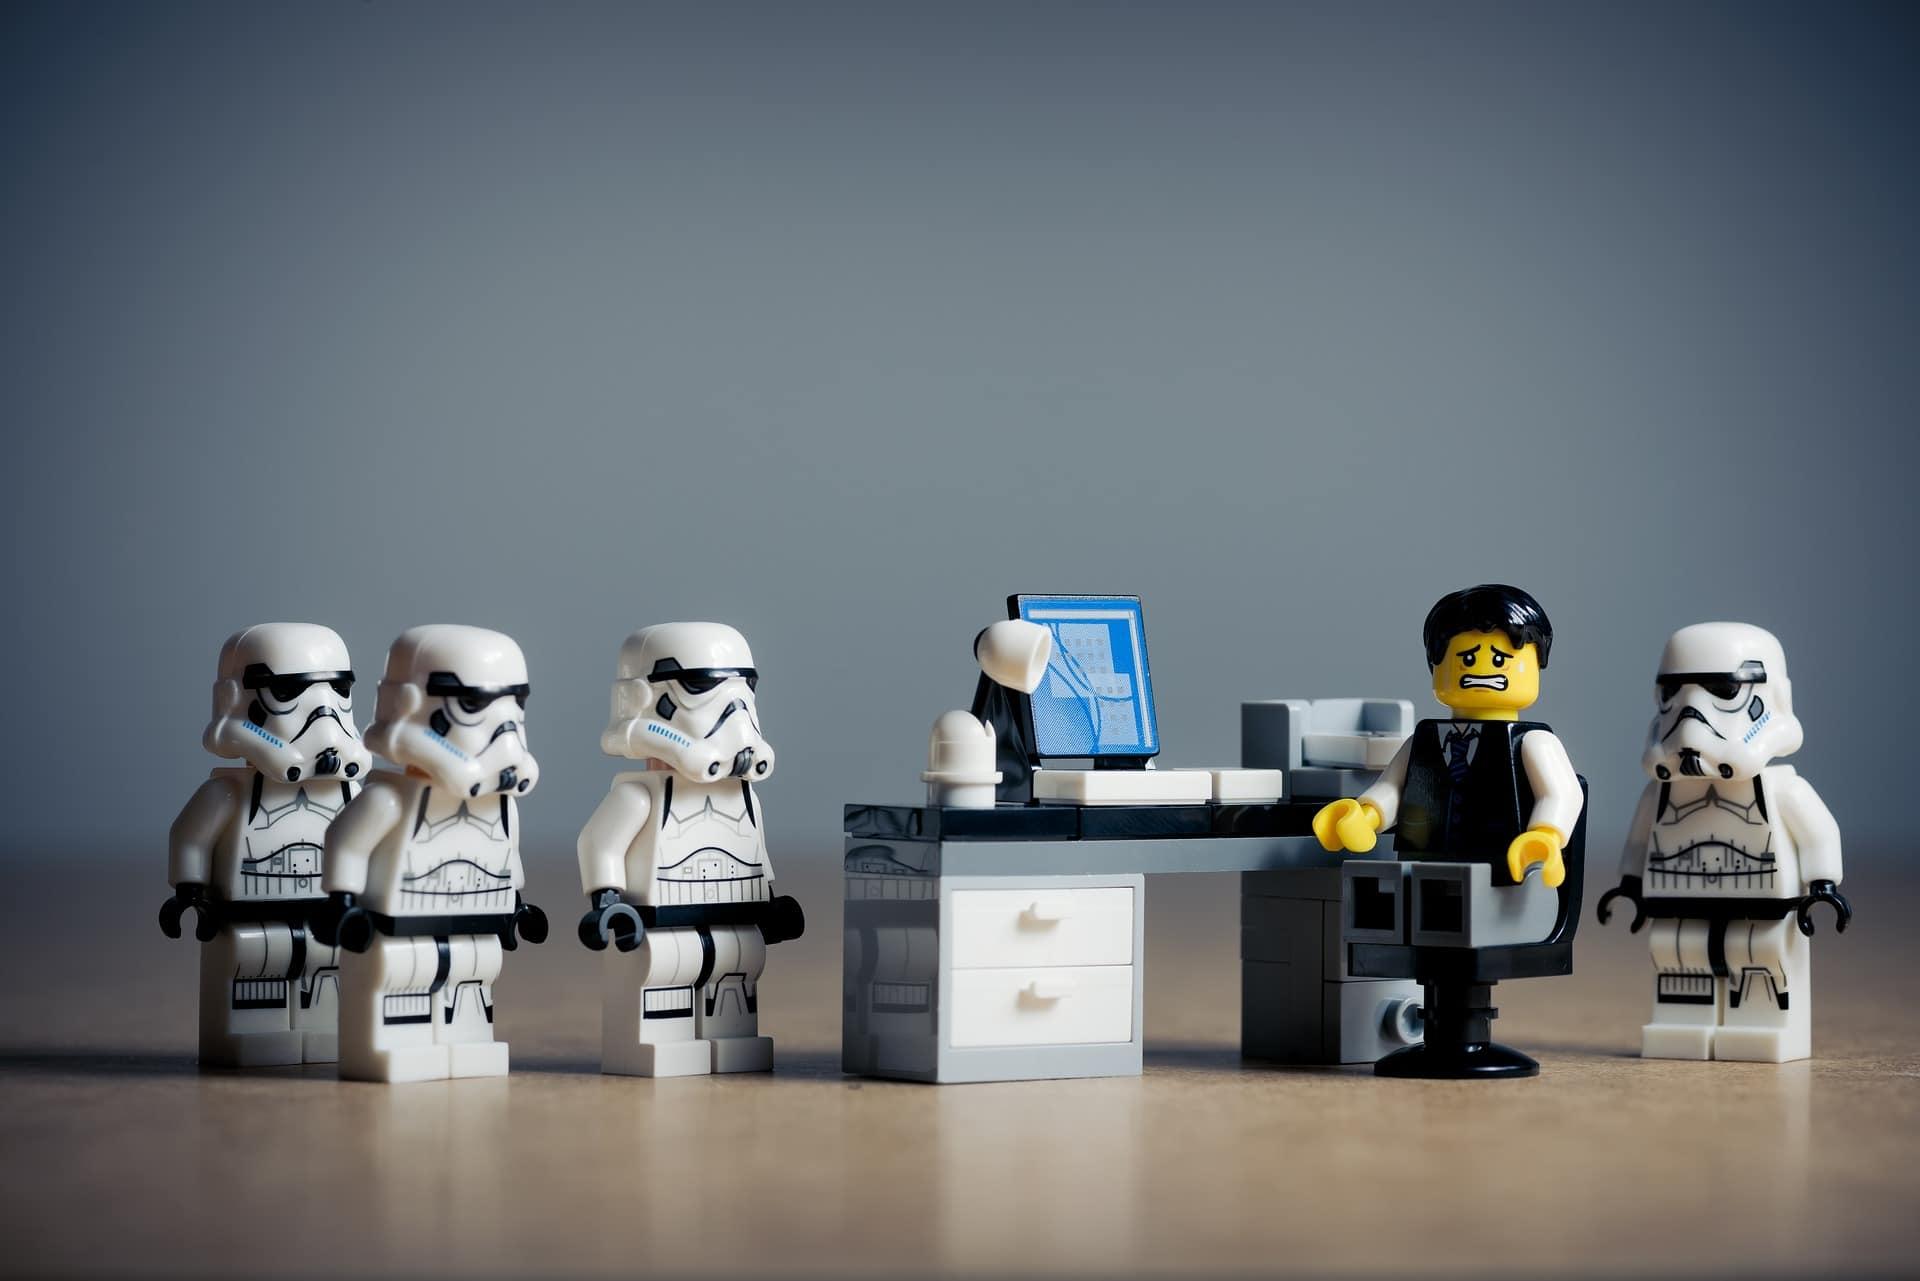 office-2539844_1920.jpg